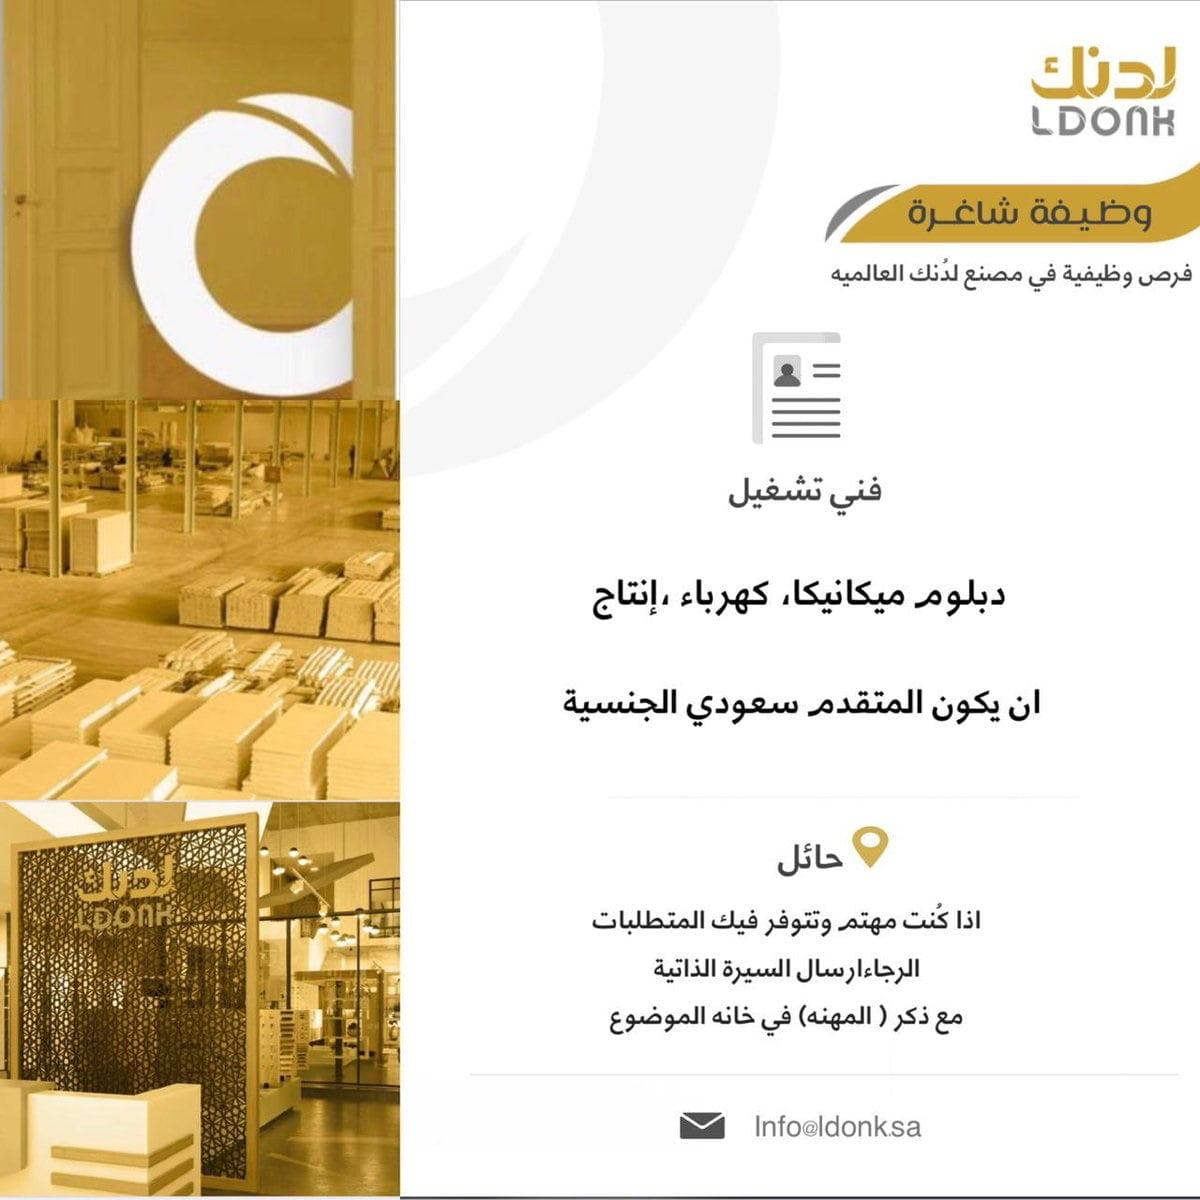 وظائف فنية شاغرة لحملة الدبلوم لدى مصنع لدنك العالمية بمدينة حائل 3